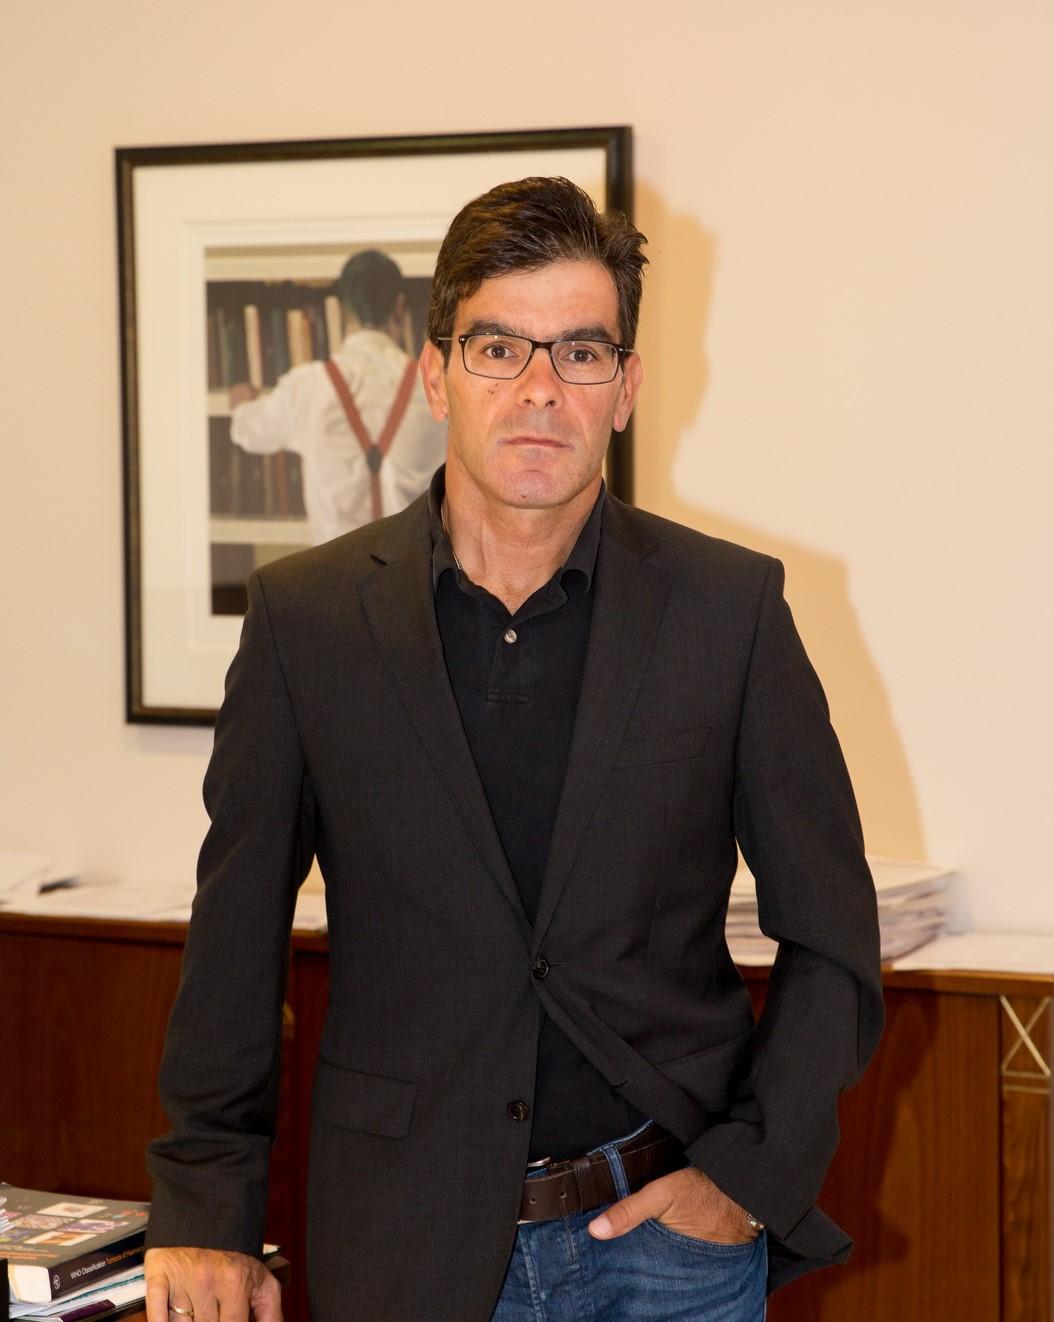 Γεώργιος Ζ. Ιωαννίδης - Αιματολόγος